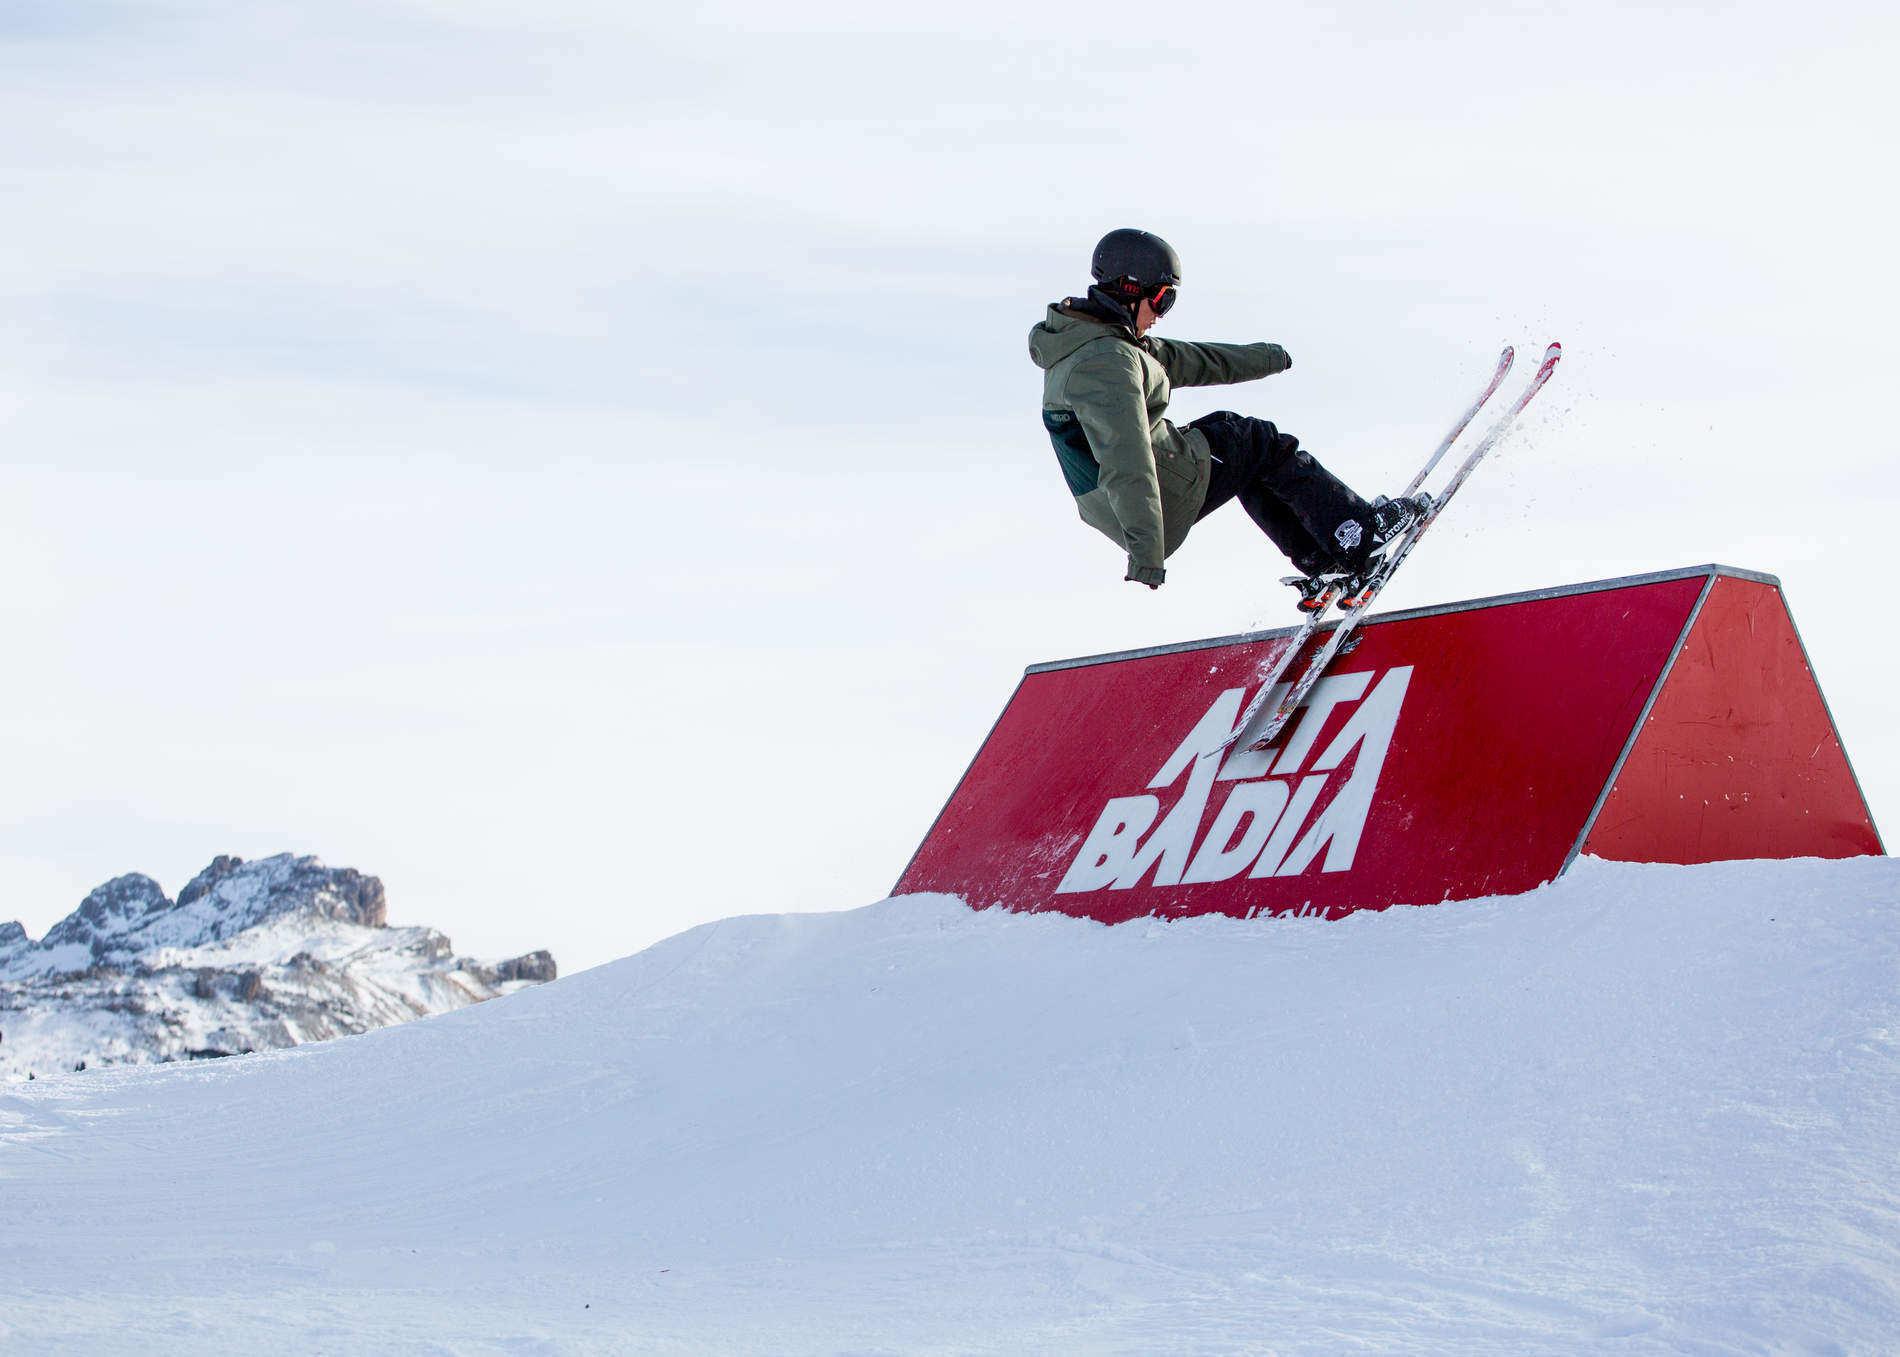 Snowpark Alta Badia – Freeski Season Teaser 2017/18